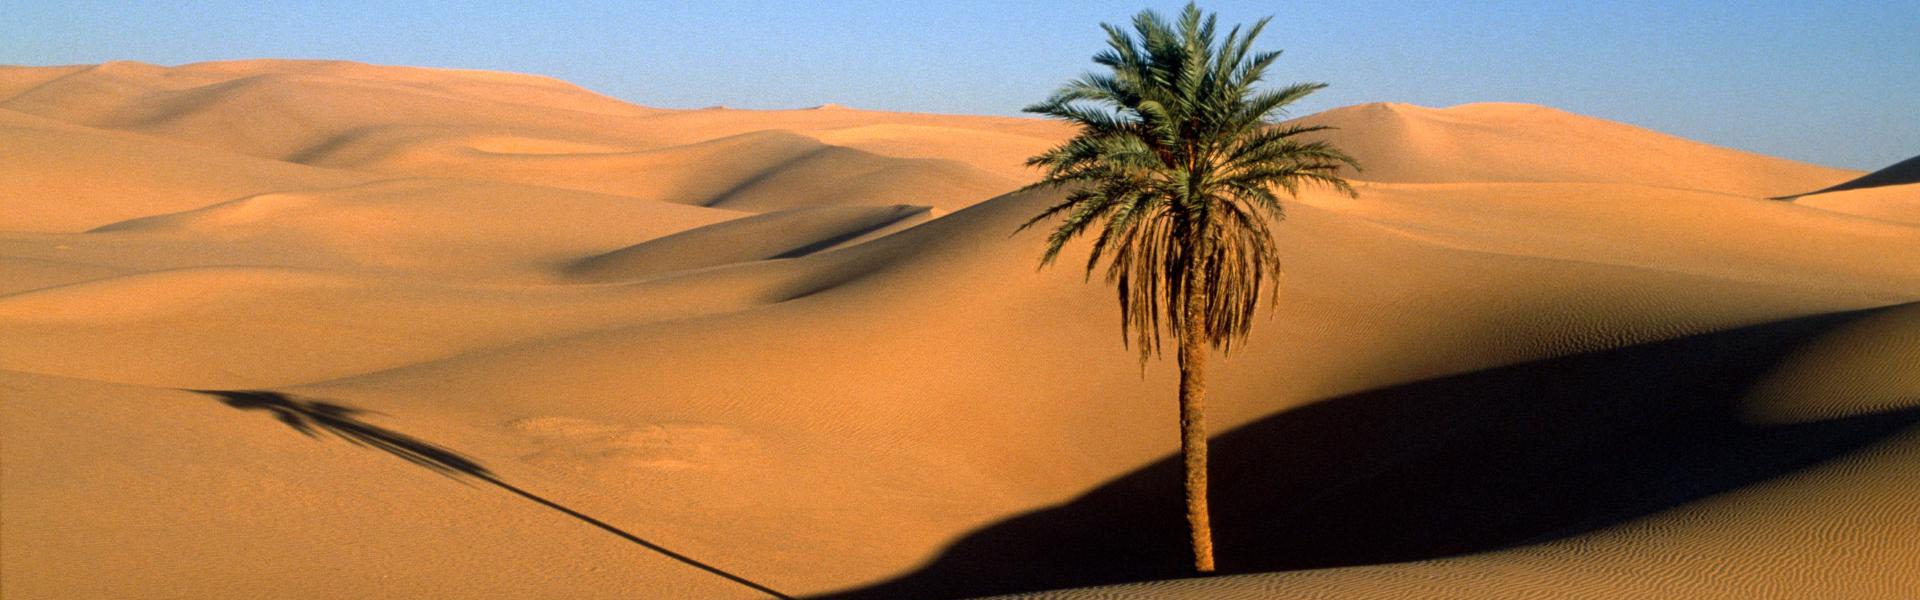 slider-desert